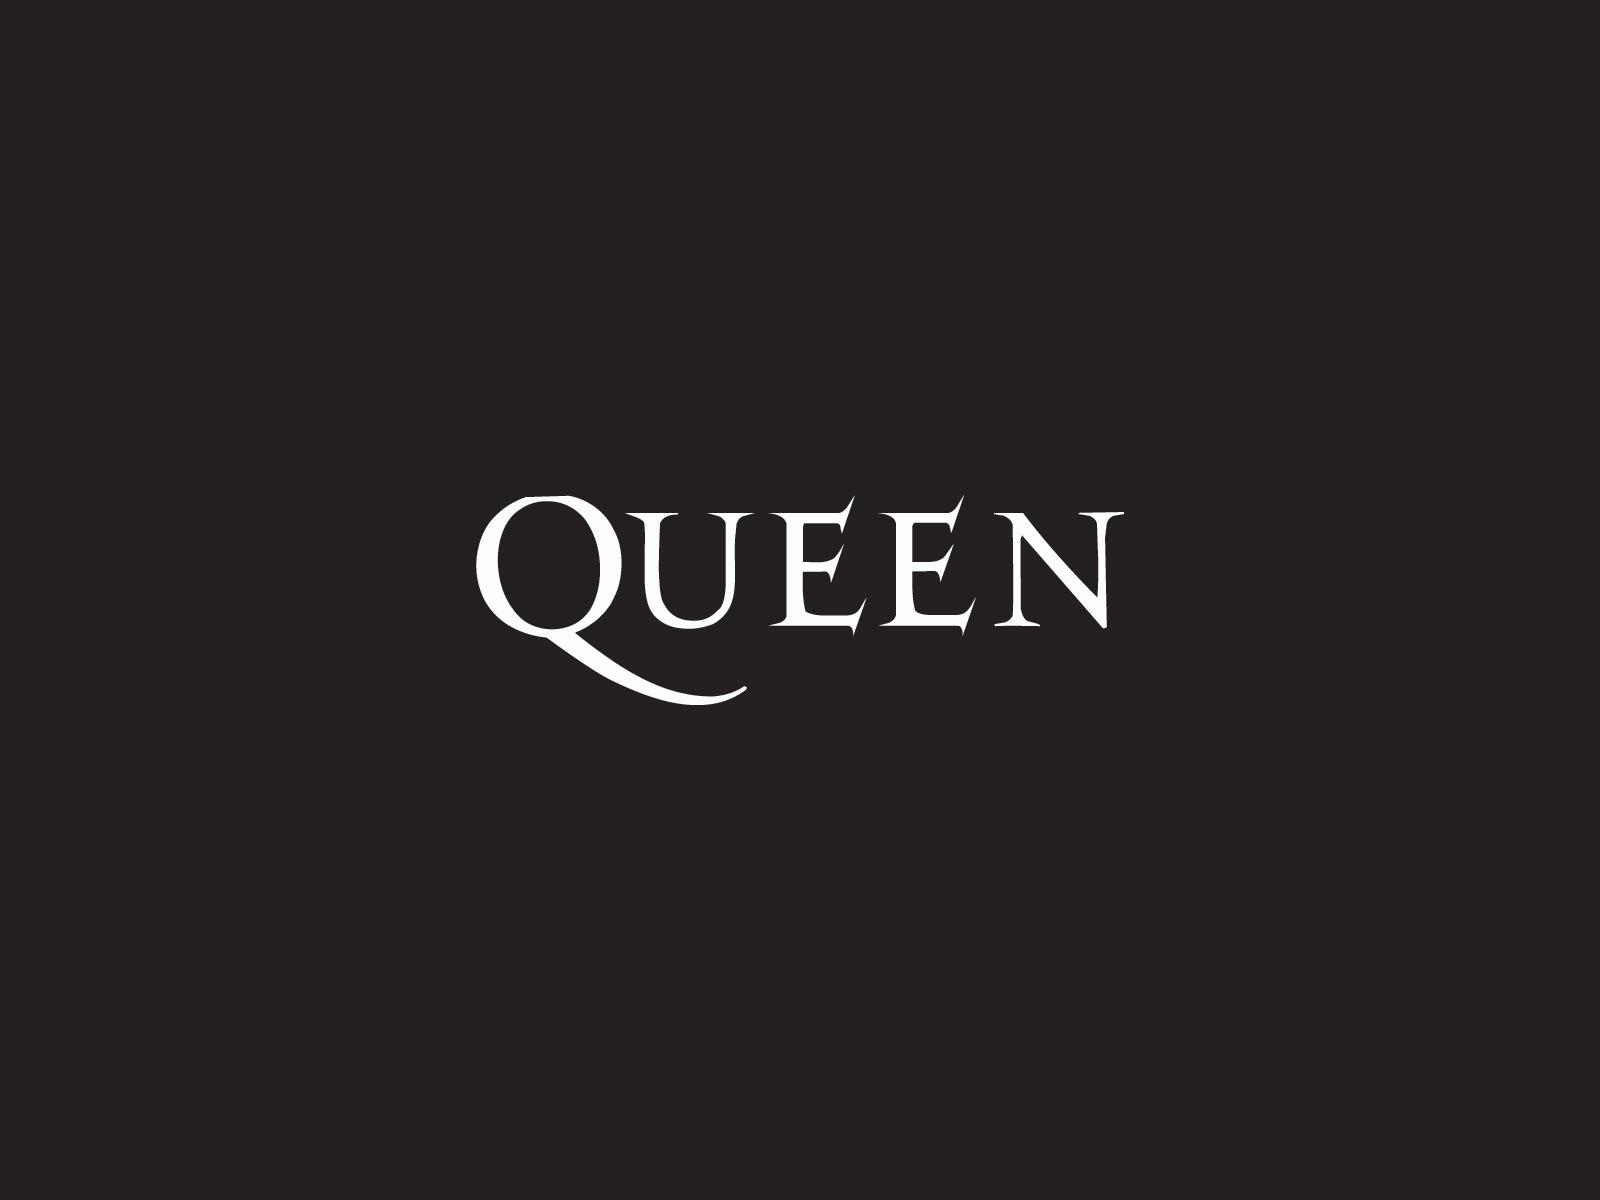 Queen Wallpapers   Top Queen Backgrounds   WallpaperAccess 1600x1200